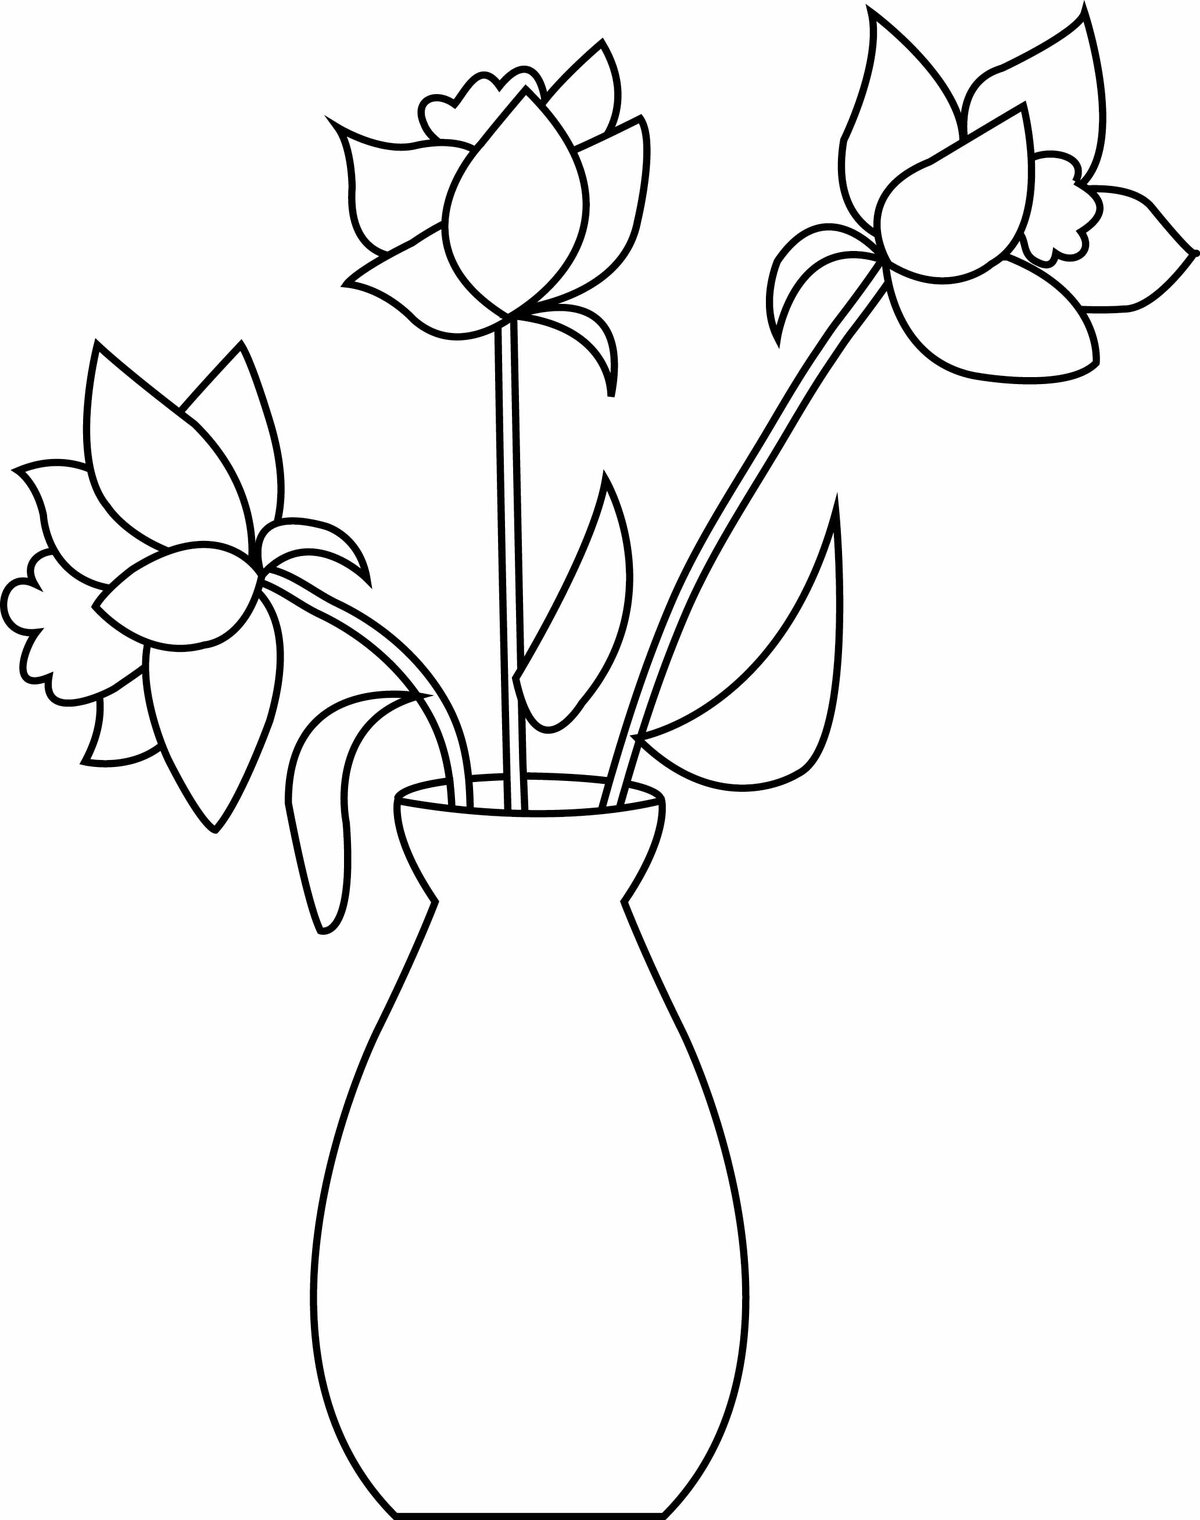 рисунки карандашом тюльпаны в вазе есть внедренная структуру